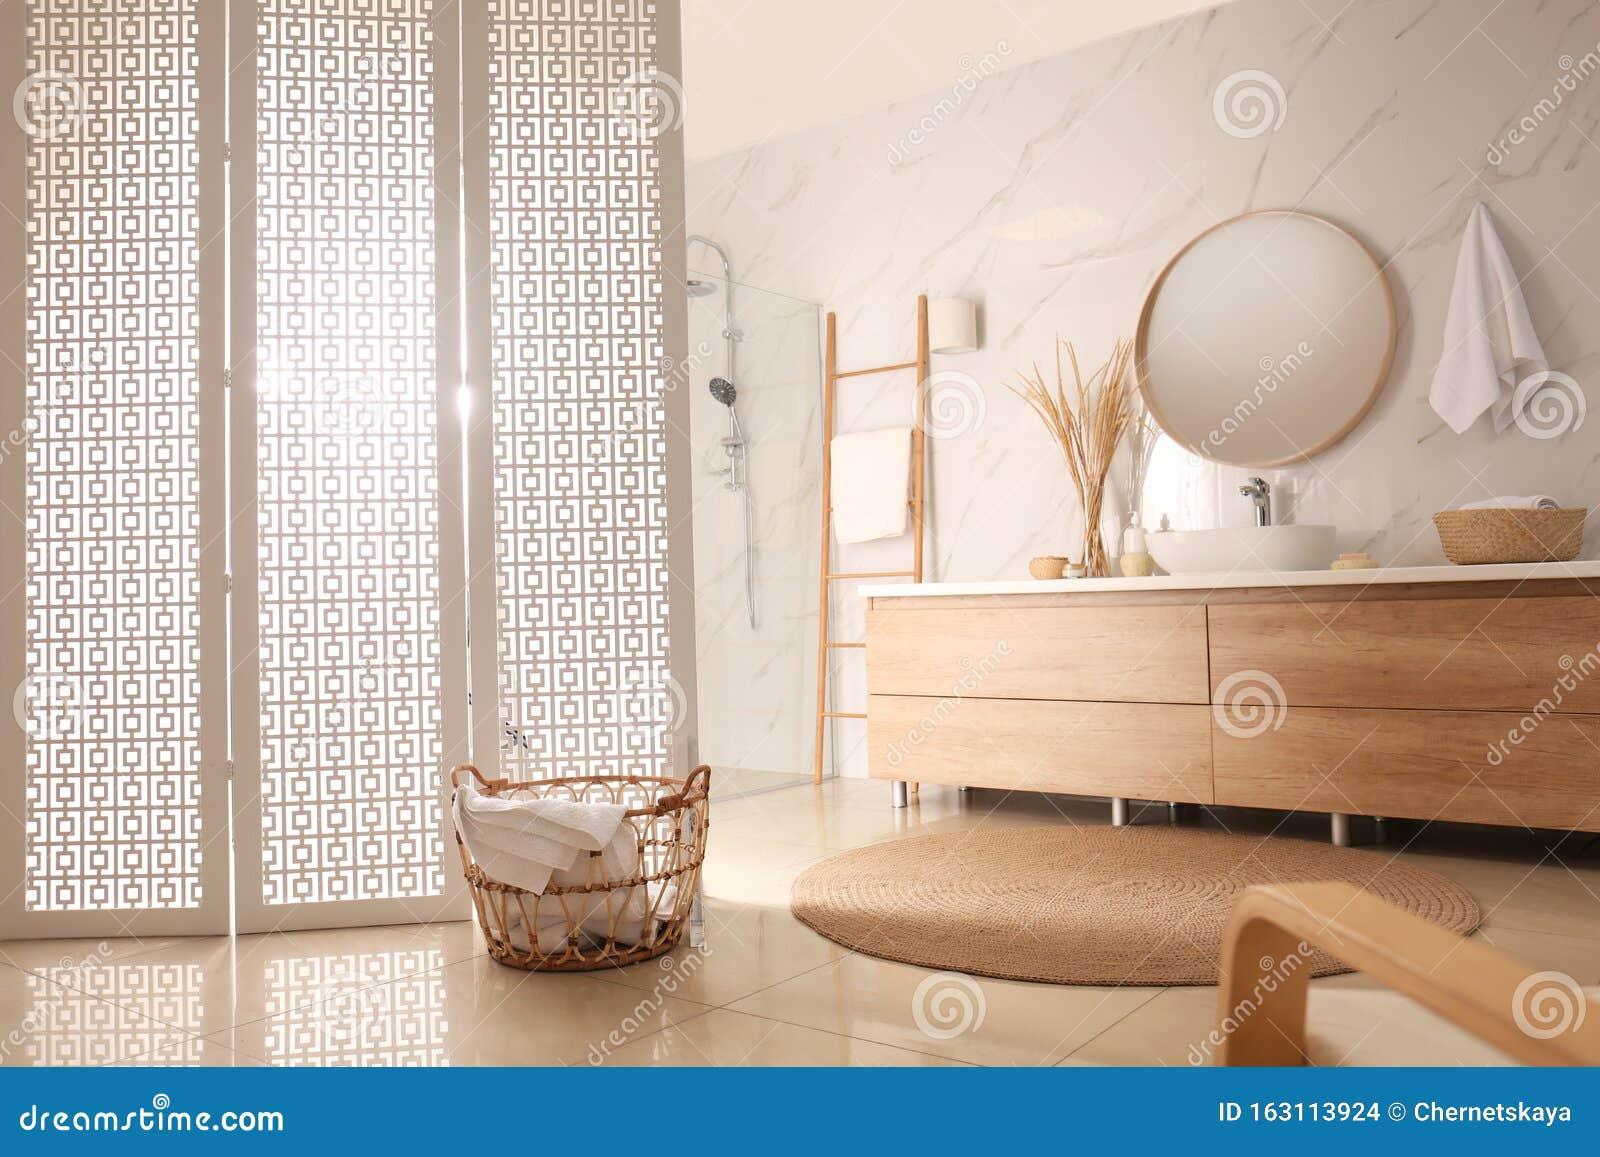 Decoration Moderne De La Salle De Bains Avec Paravent Blanc Photo Stock Image Du Blanc Decoration 163113924